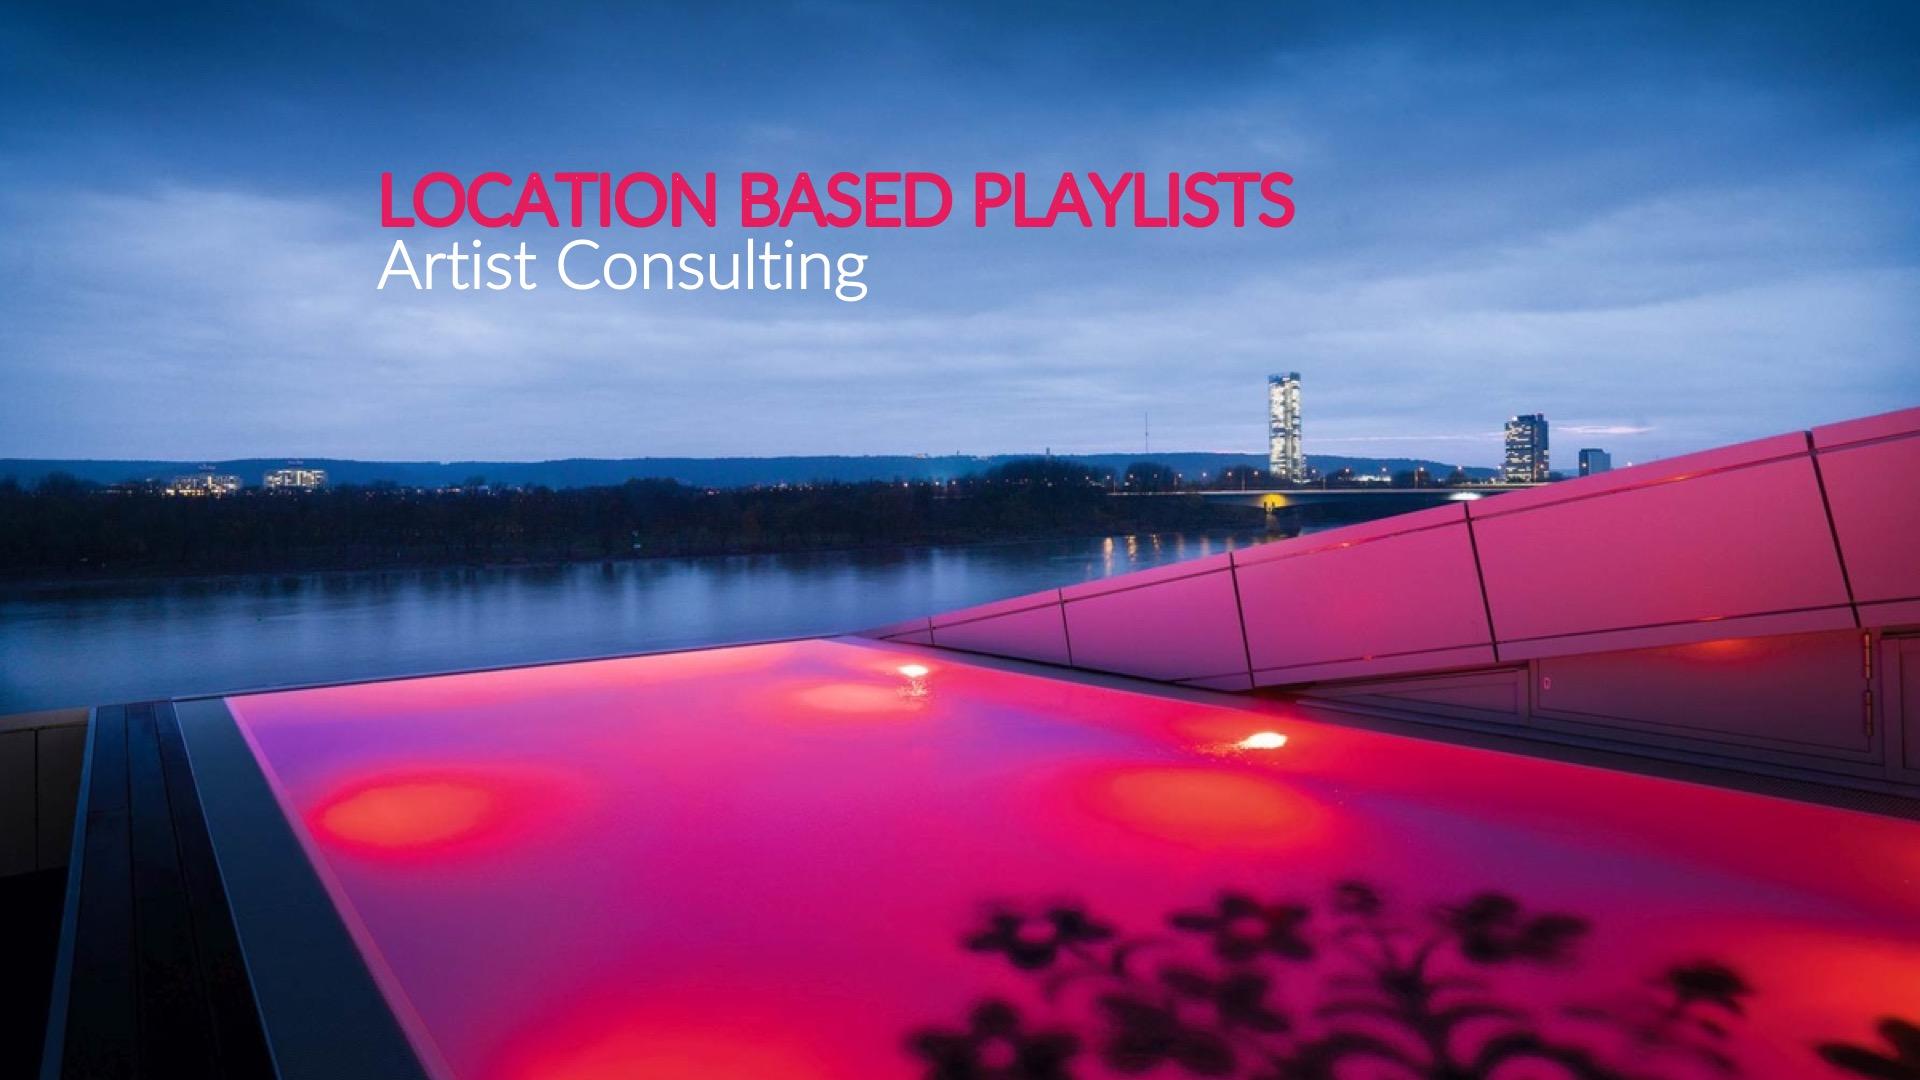 Location Sound-Selection - Klanglich differenzierte Wirkung. Entstanden in Zusammenarbeit mit Klangkünstlern und DJs aus der Region. Aktivierend in der Bar, entspannend im Spa, konzentrierend in den Seminarräumen. An unterschiedlichen Plätzen werden gewünschte Atmosphären erzeugt, die das Erlebnis sensorisch verstärken.